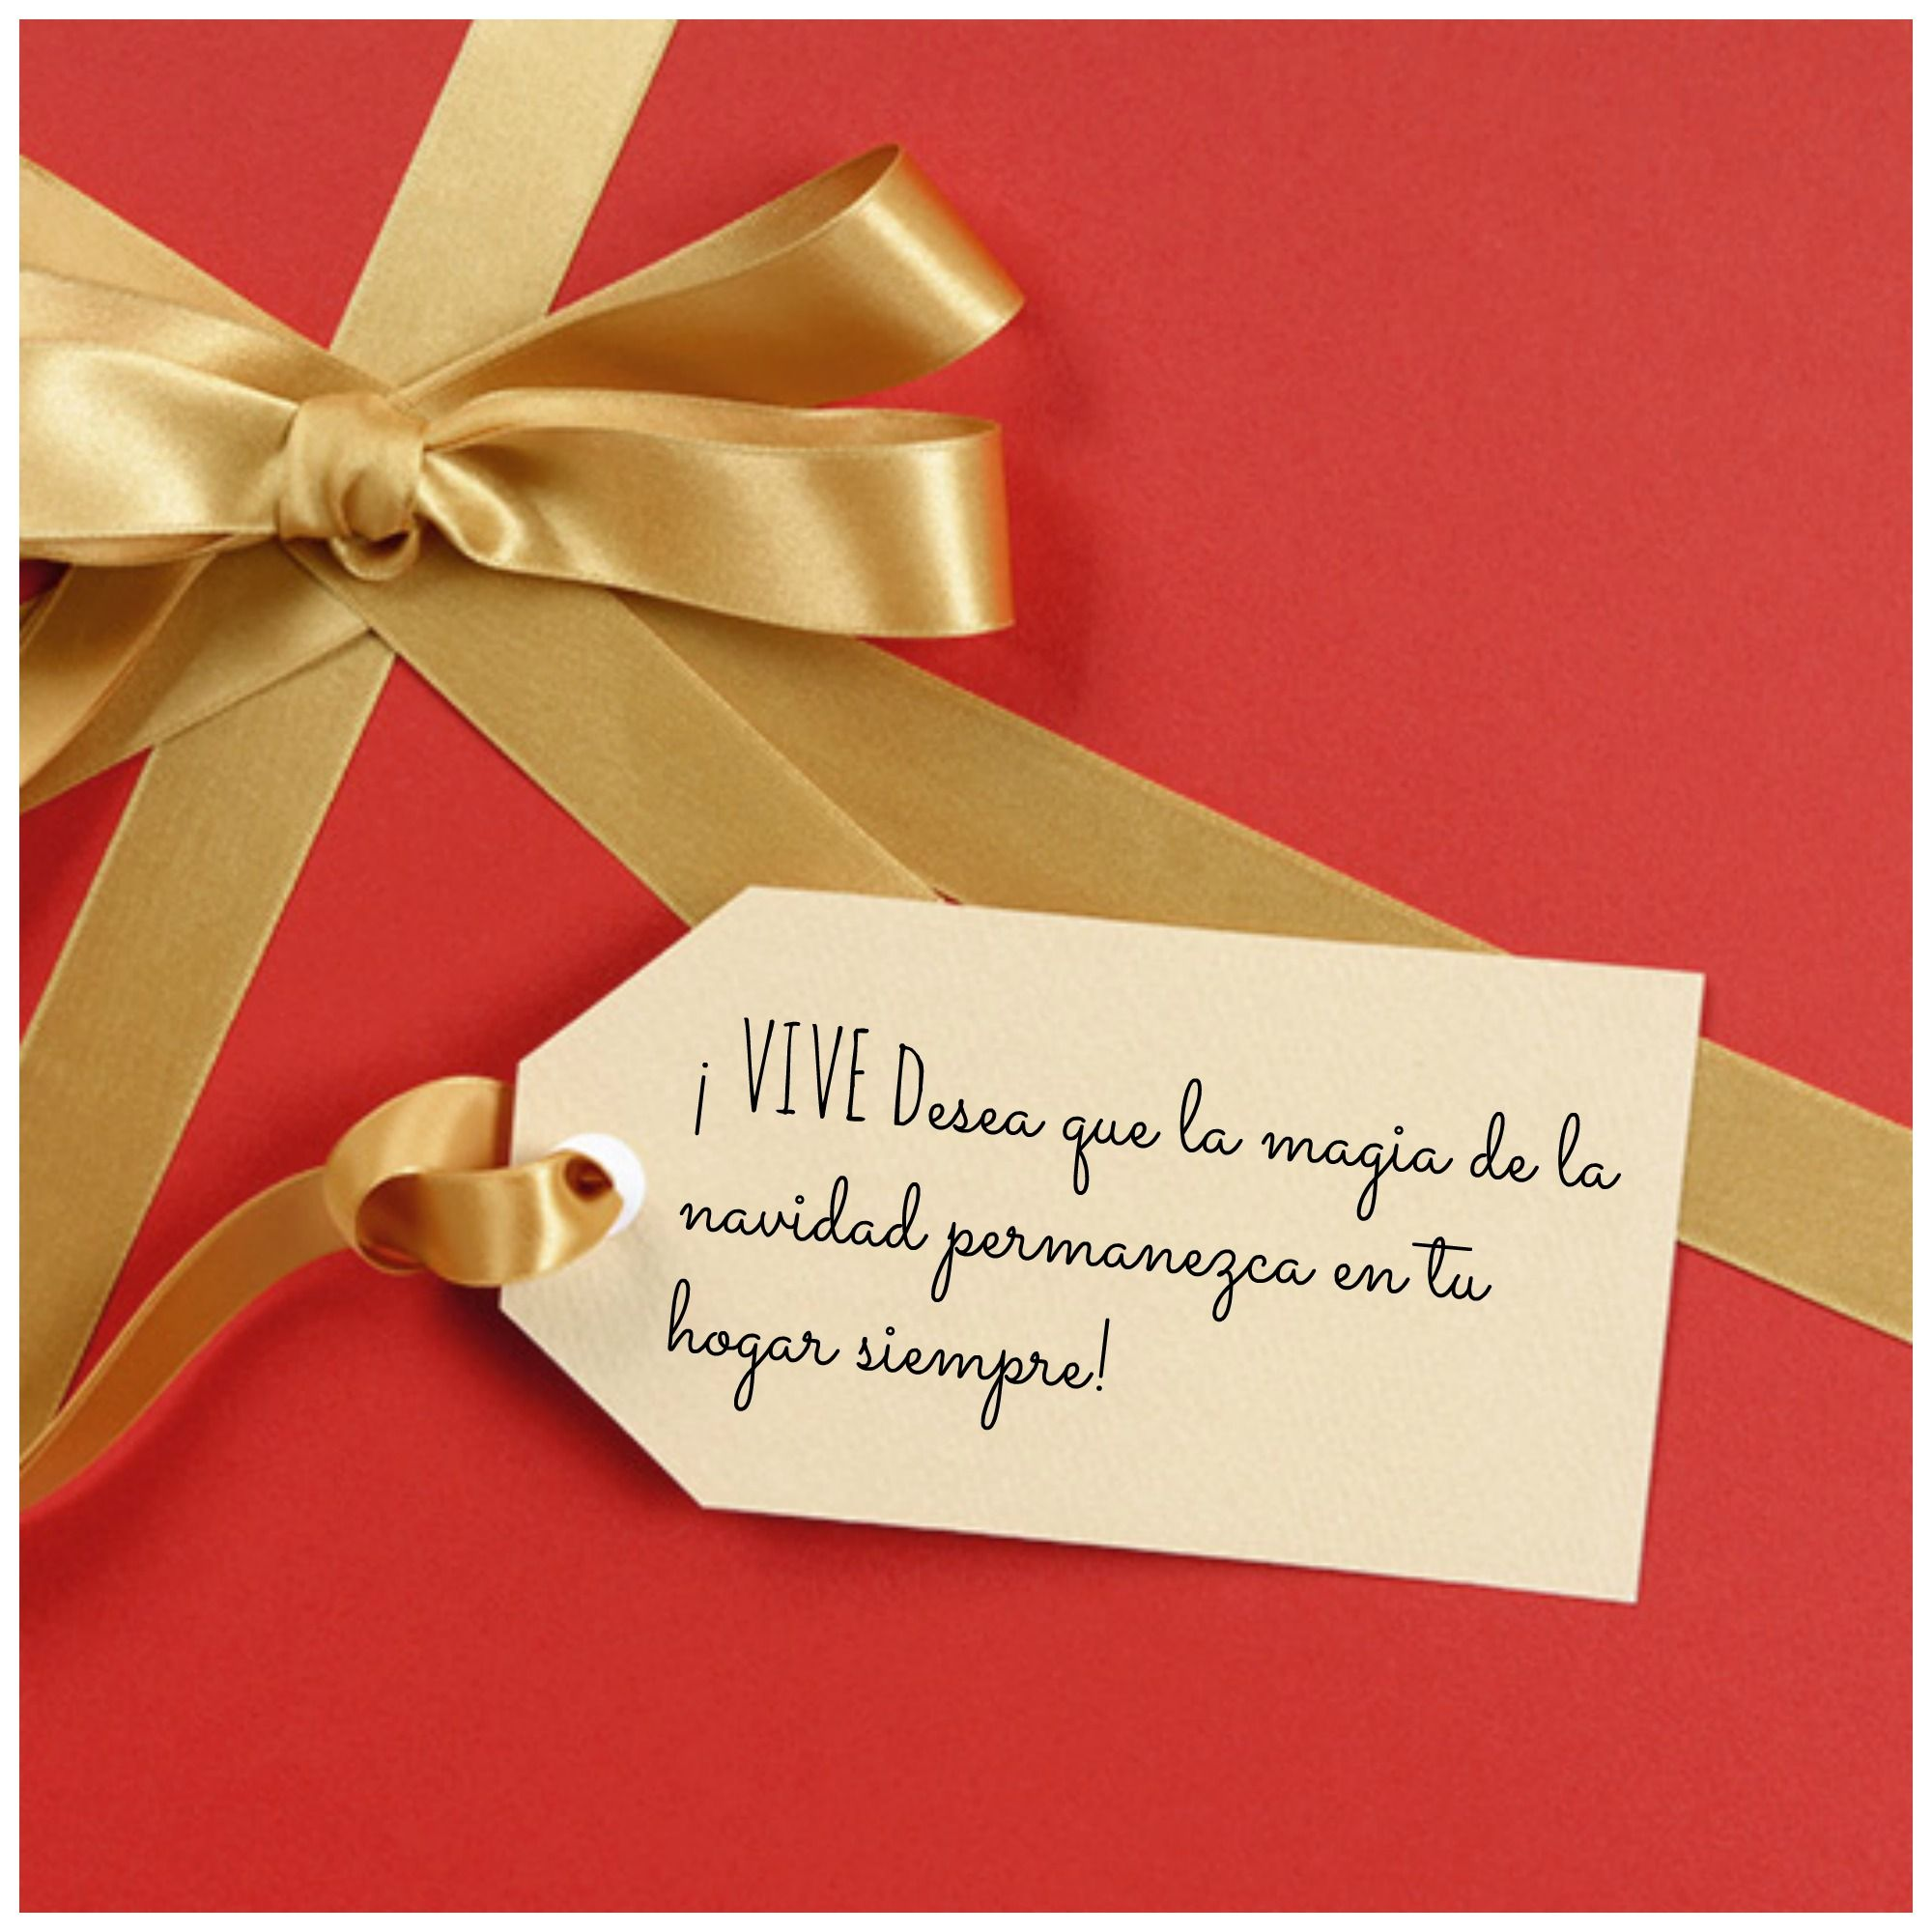 ¡Que la magia de la Navidad te acompañe durante el 2014!